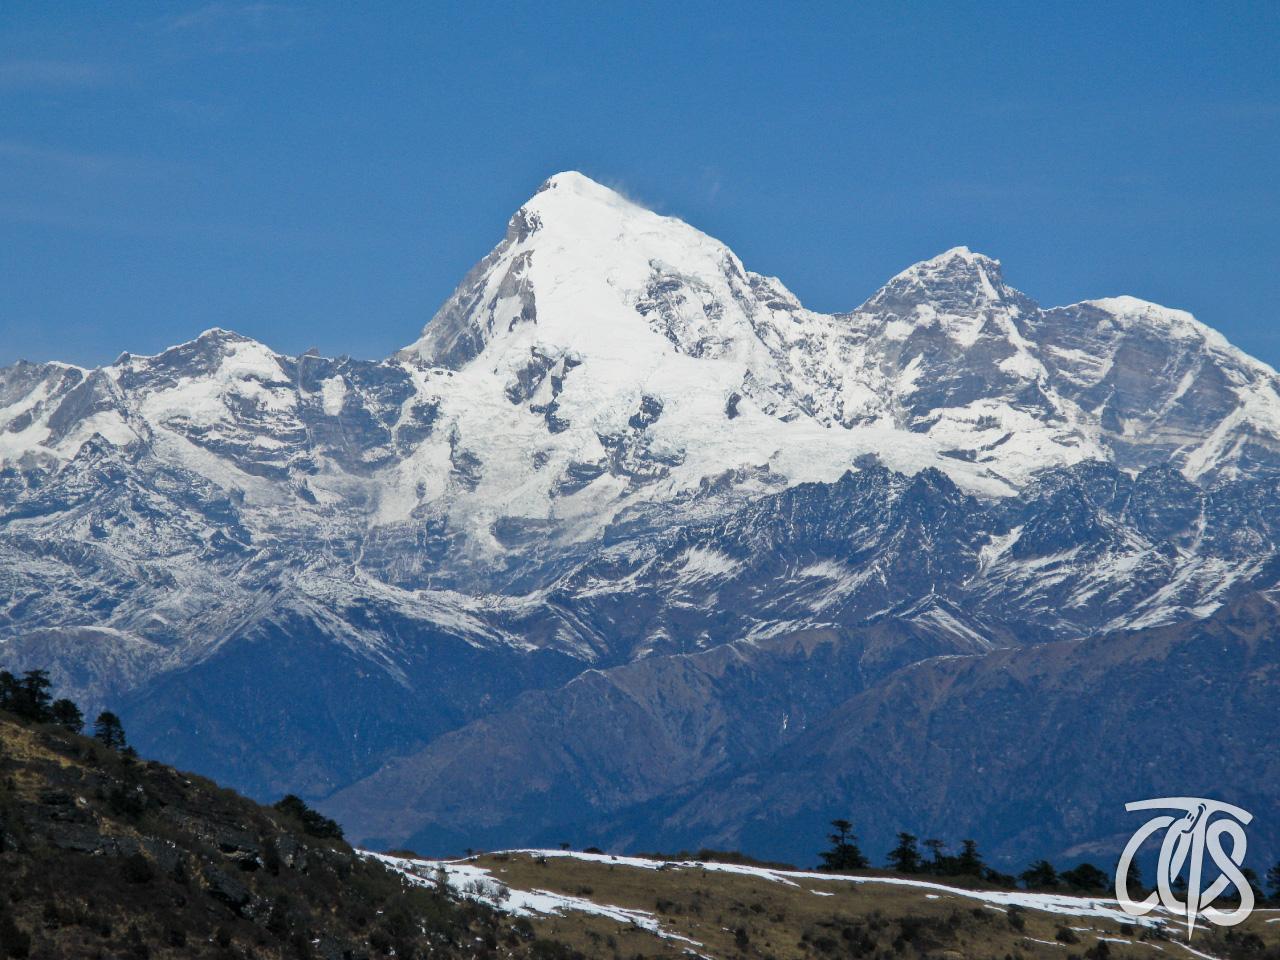 チュレ峠から望むブータン・ヒマラヤ